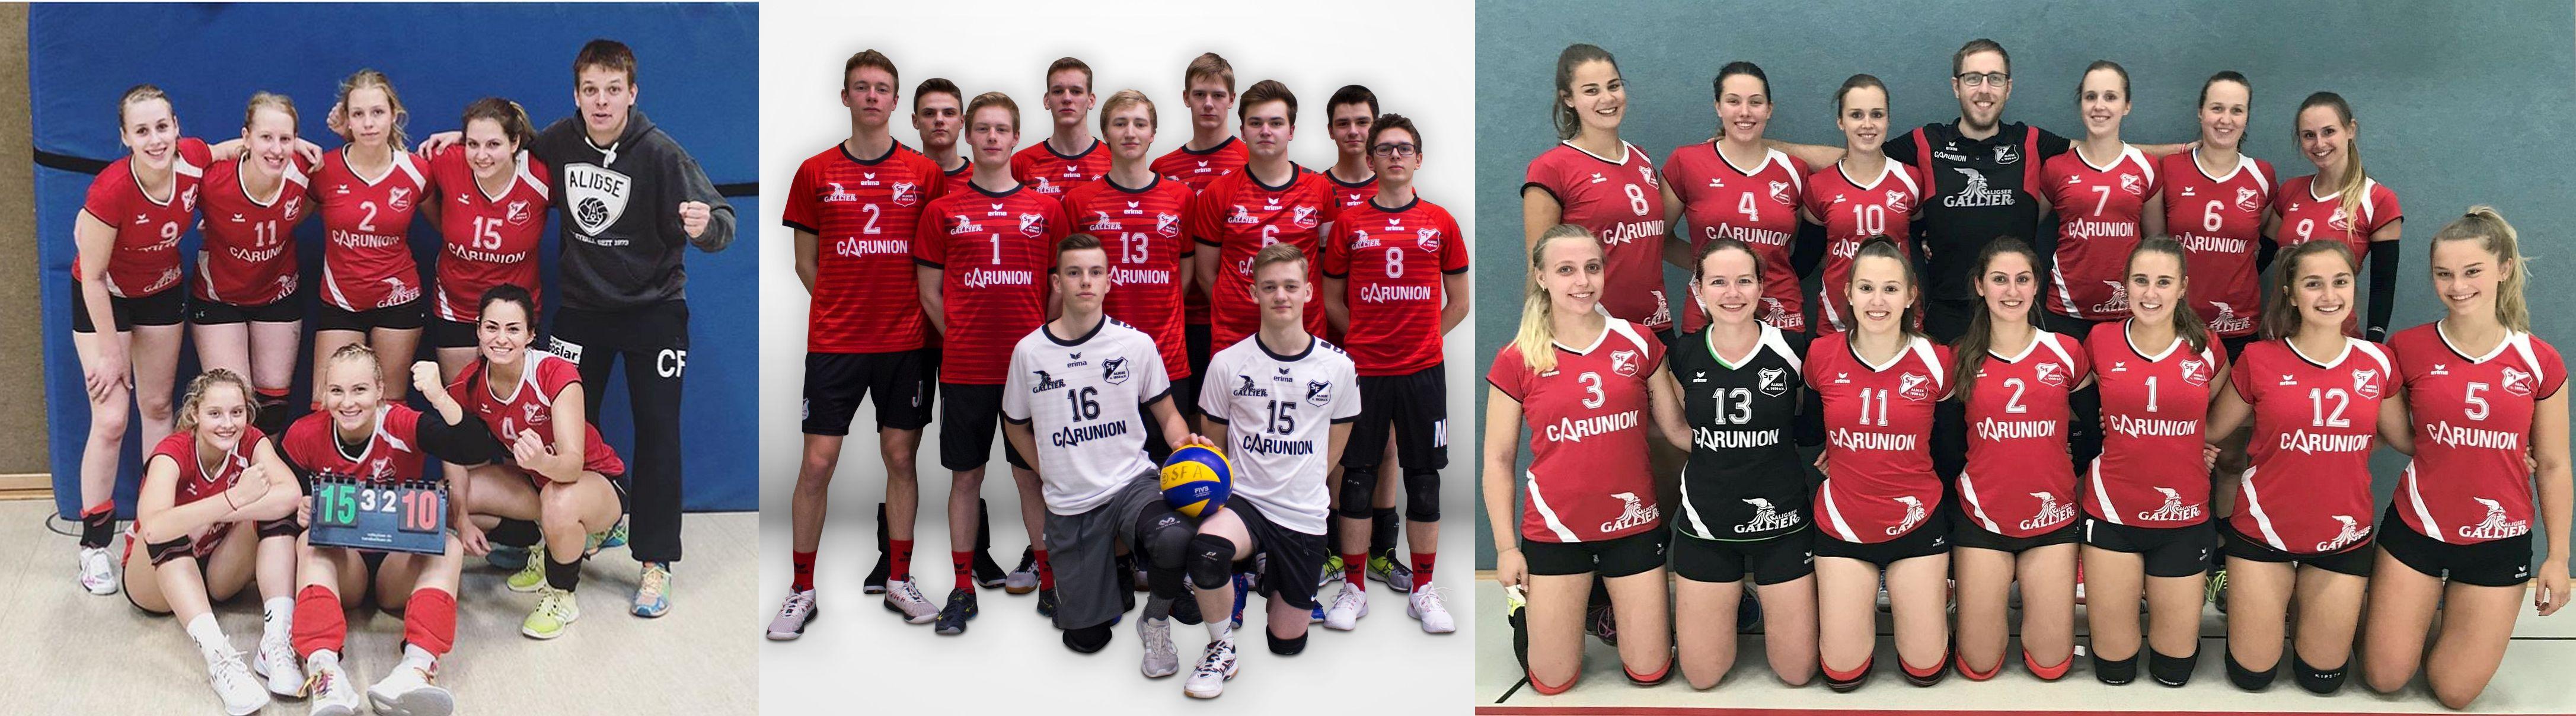 Aligser Vollyball-Teams laden ein – Dreifache Heimspiele in der Sporthalle Schlesischen Straße